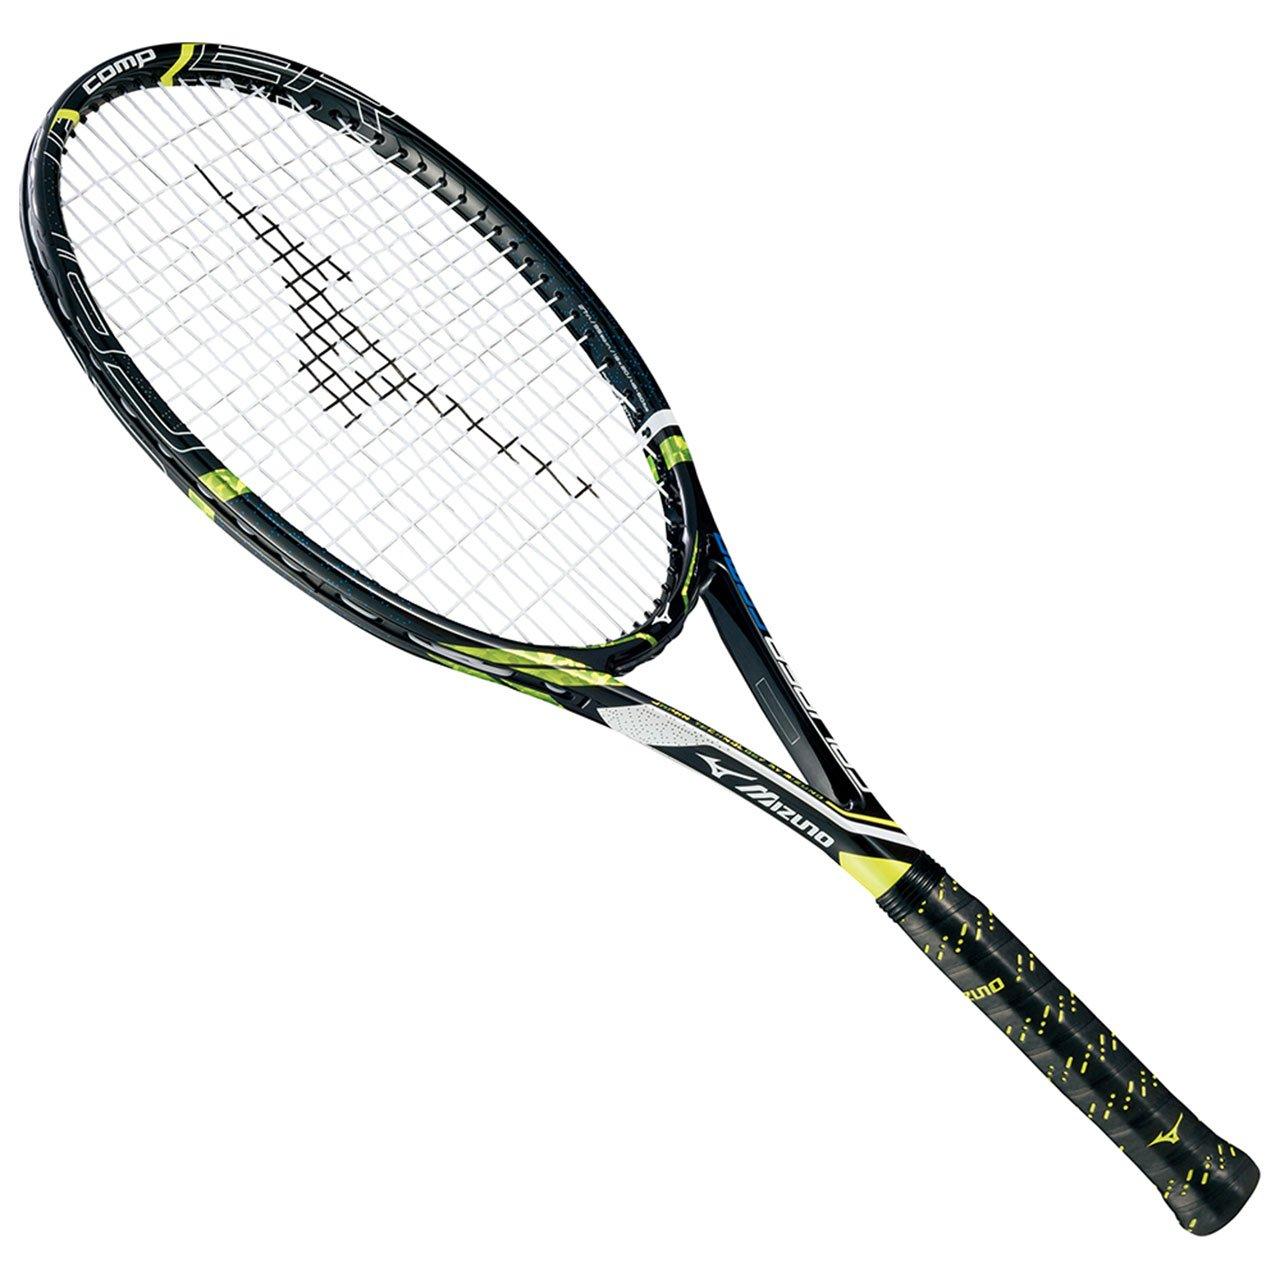 [ミズノ] 硬式テニス ラケット キャリバー コンプ 63JTH53009 ブラック 2 ブラック(09) B001J281JK